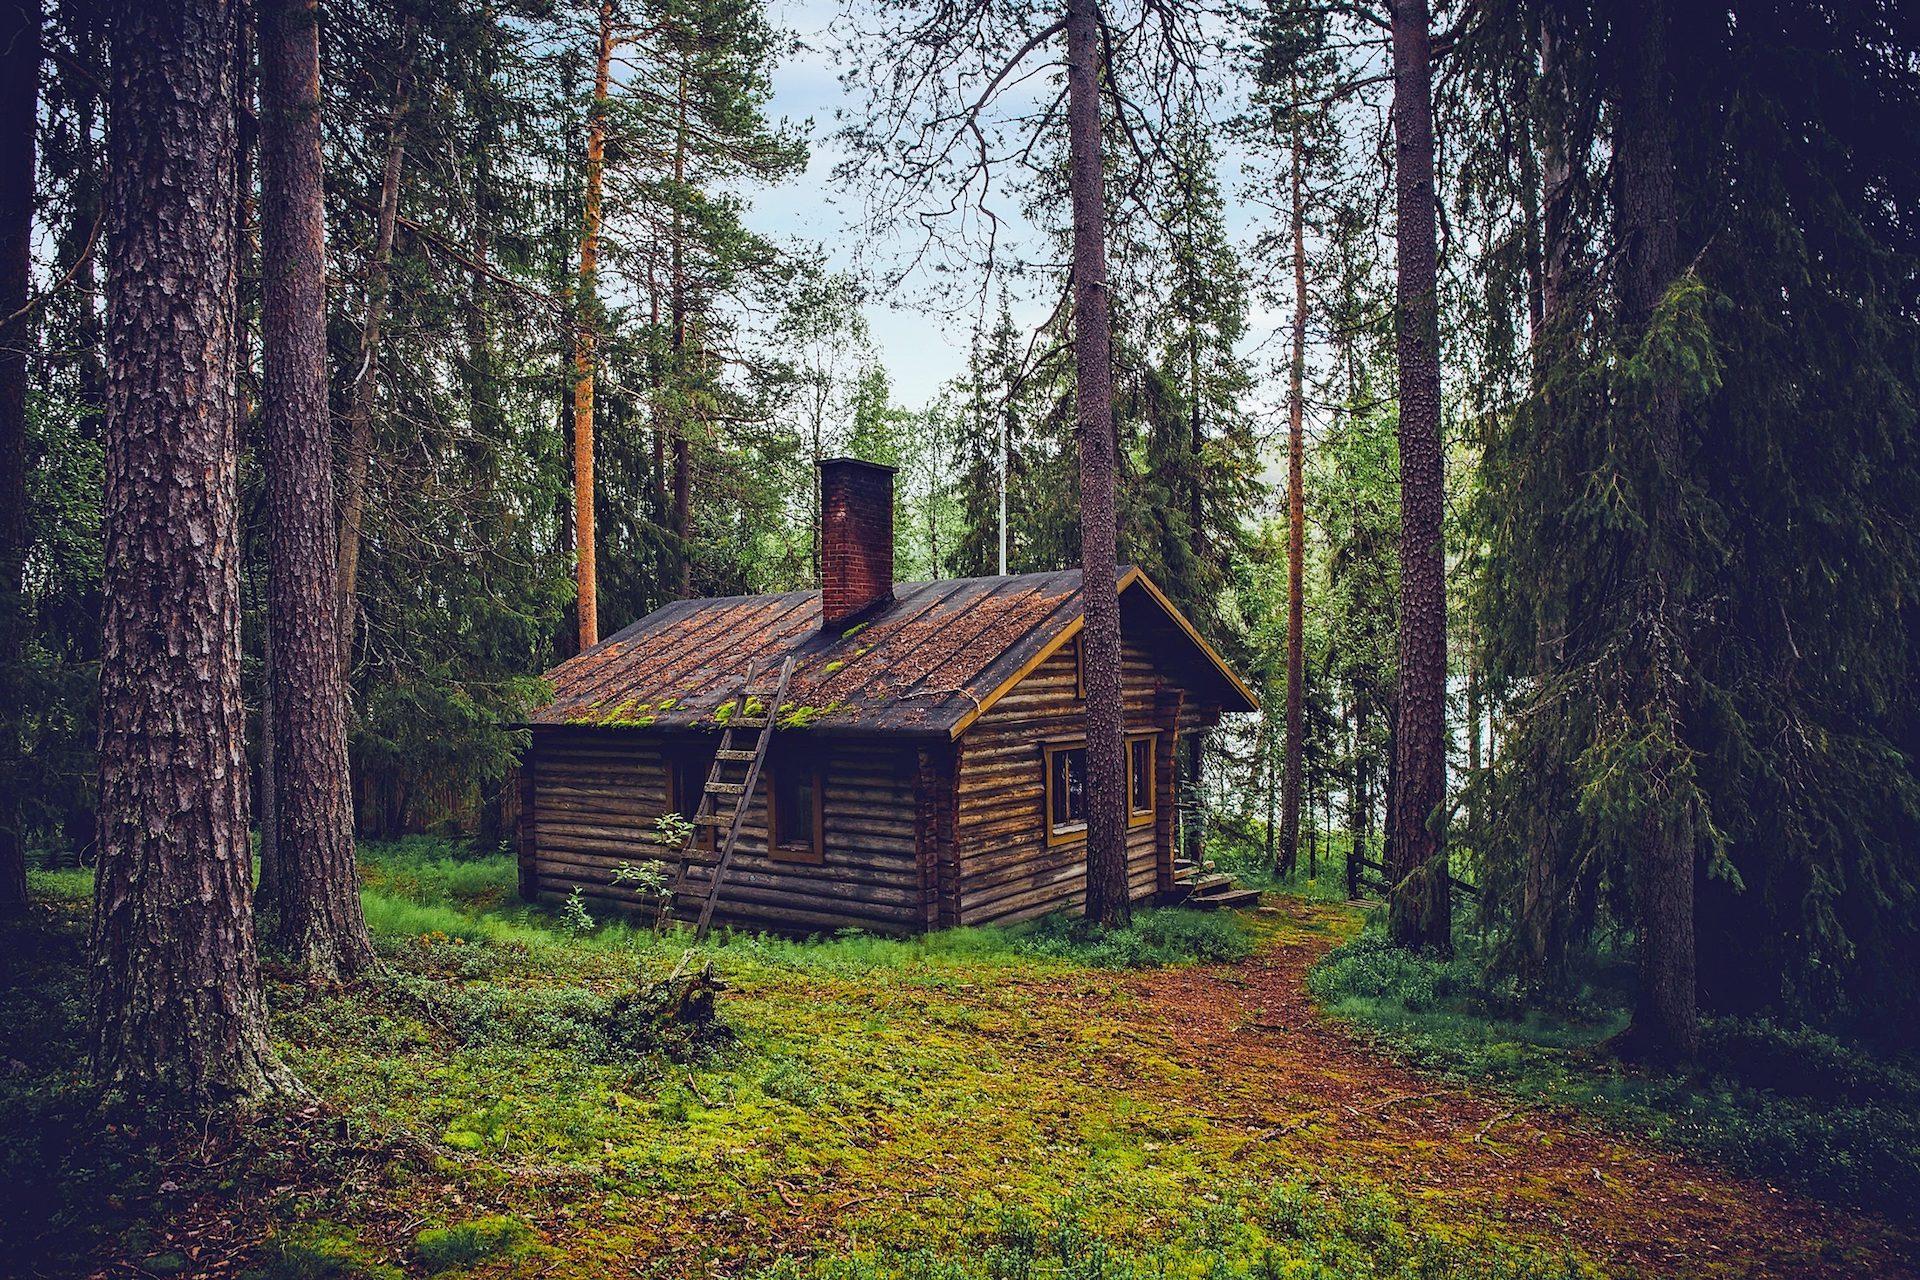 cabaña, bosque, casa, rural, madera, campo, árboles - Fondos de Pantalla HD - professor-falken.com